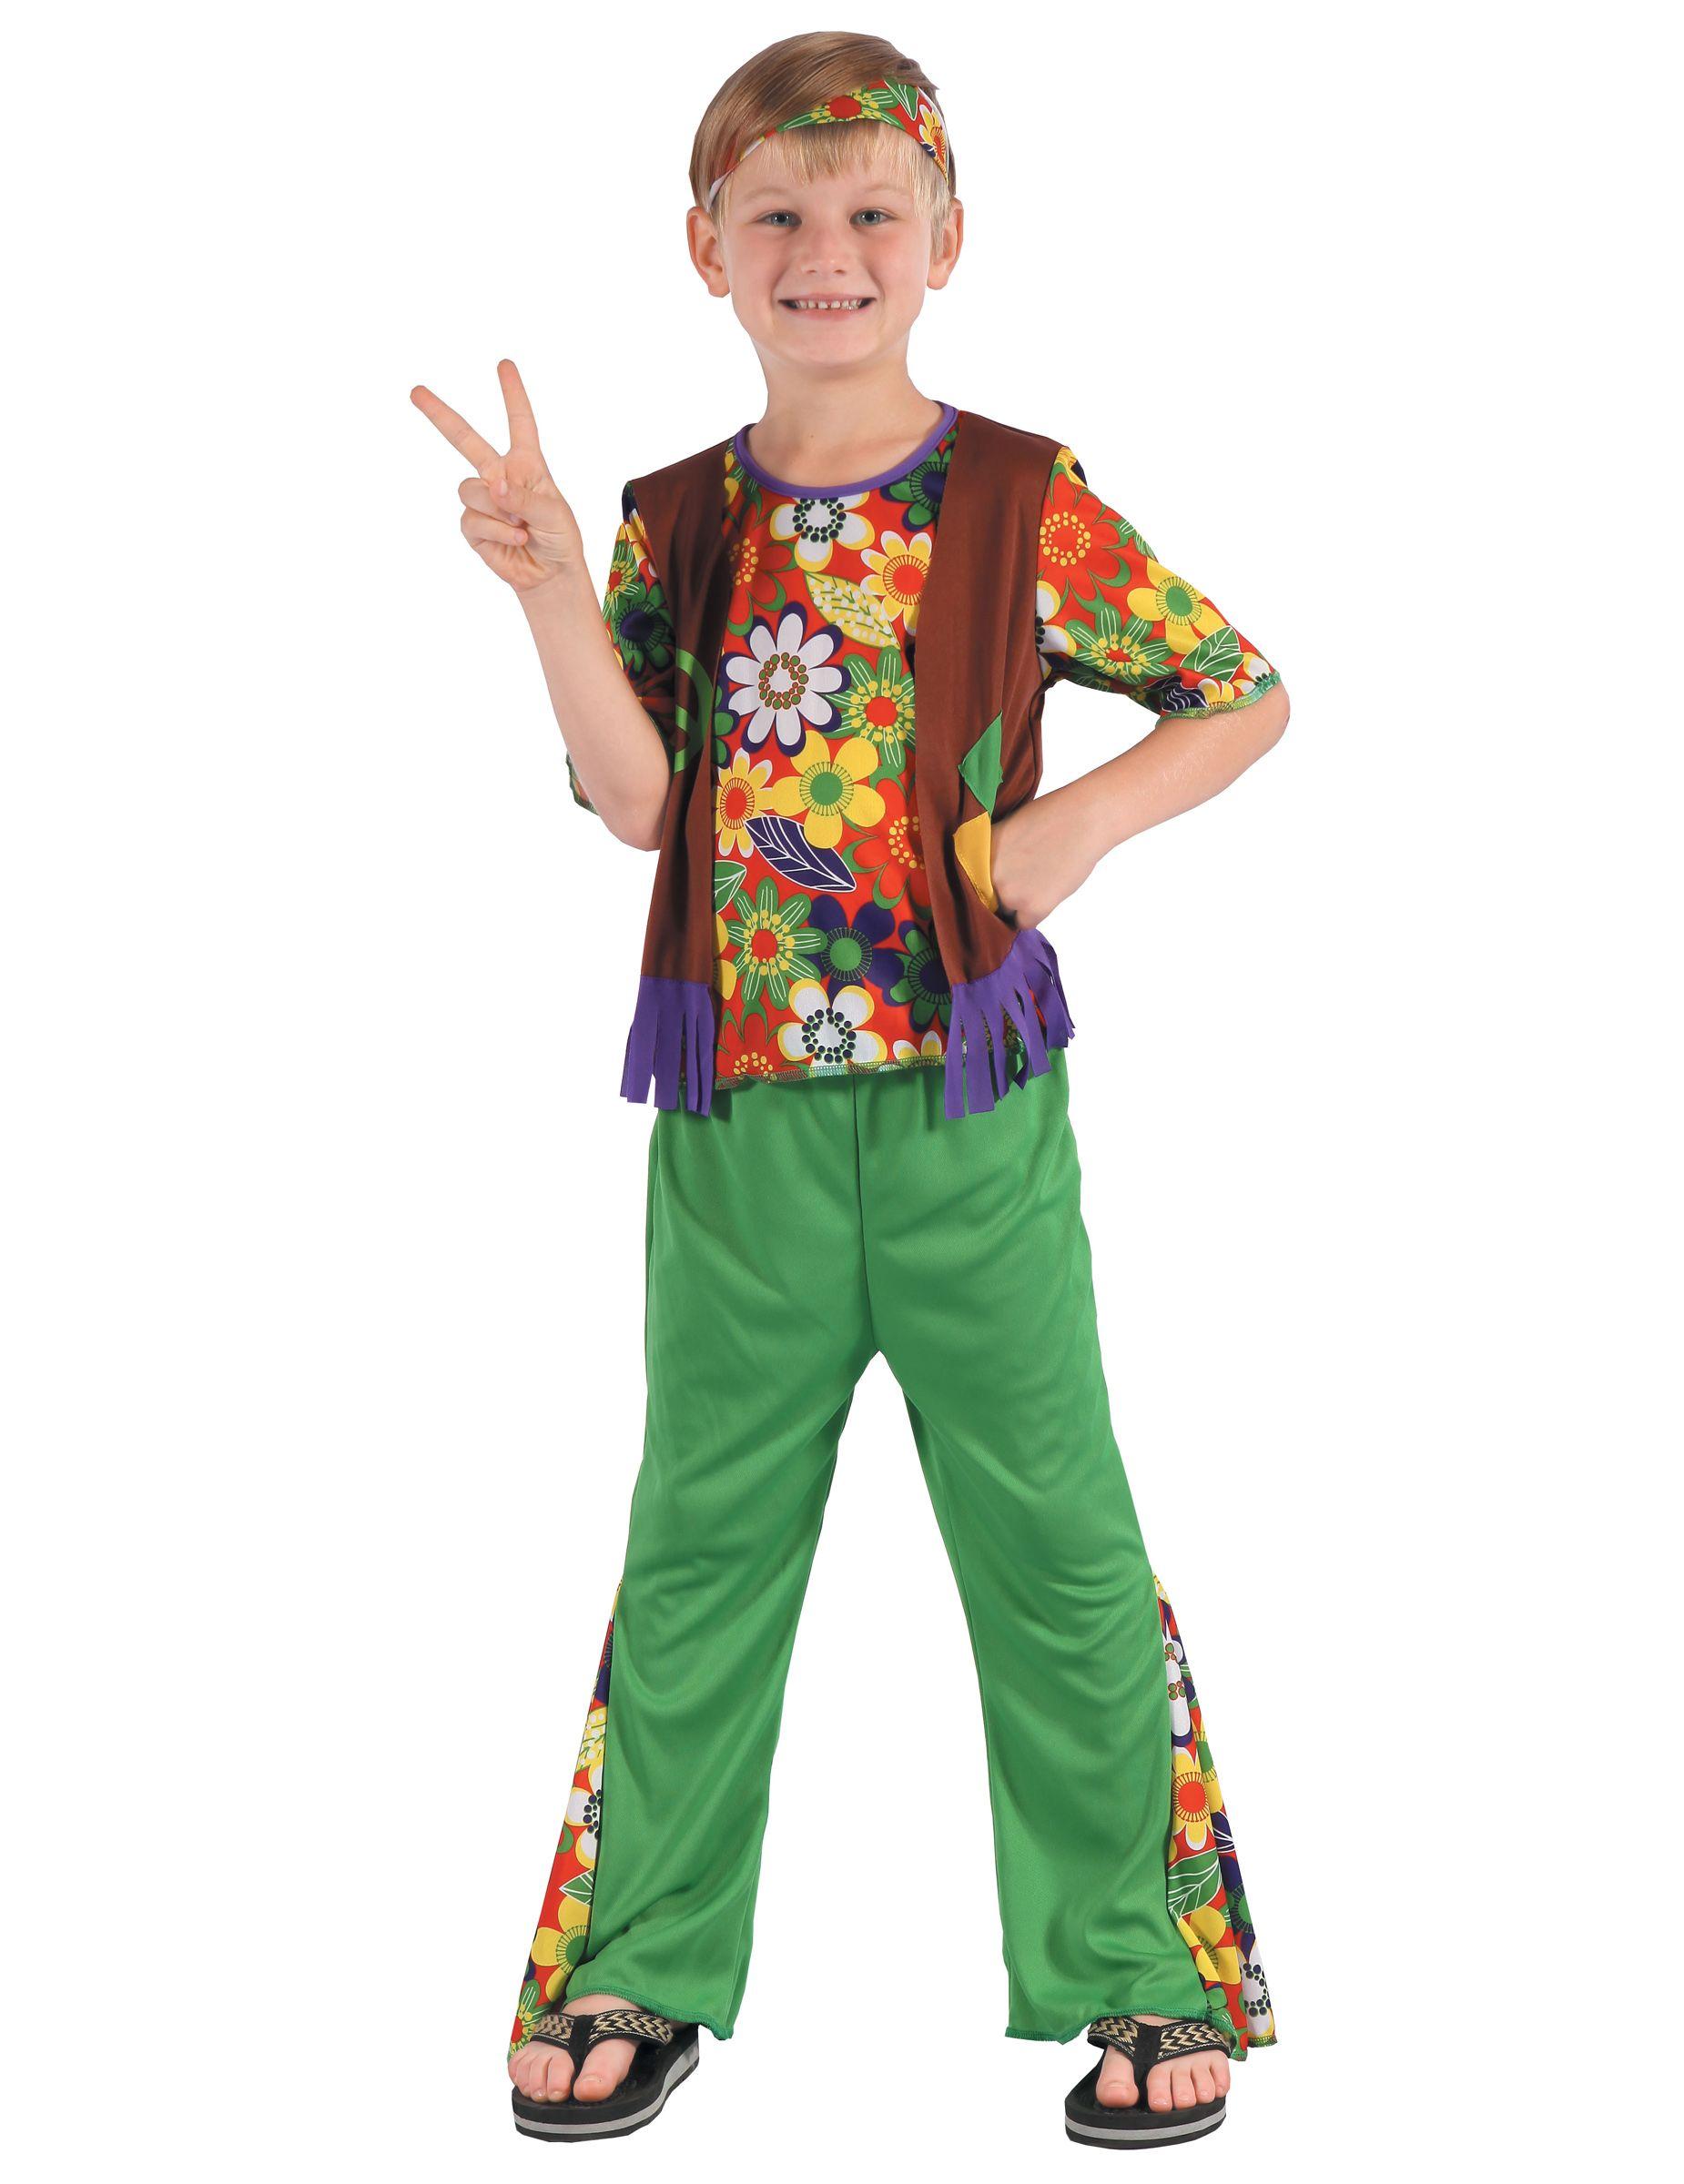 ad13e6fb7 Disfraz de hippie flower power niño en 2019 | Primavera | Disfraz de ...